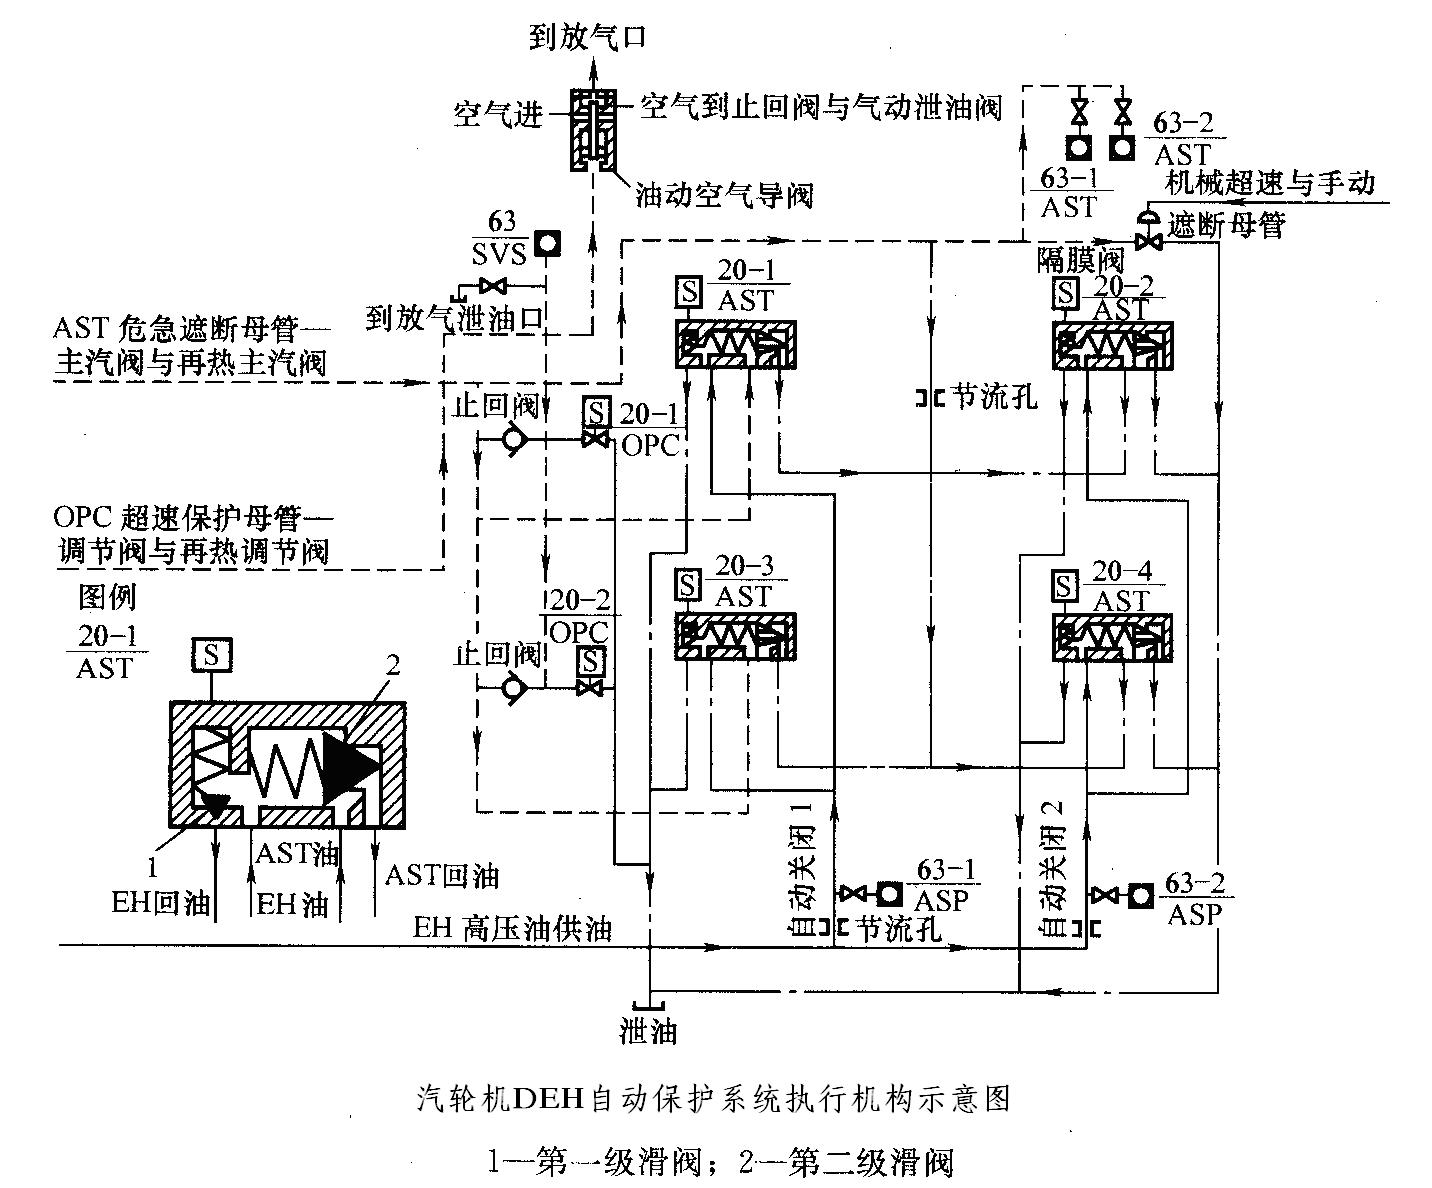 ast电磁阀结构图片